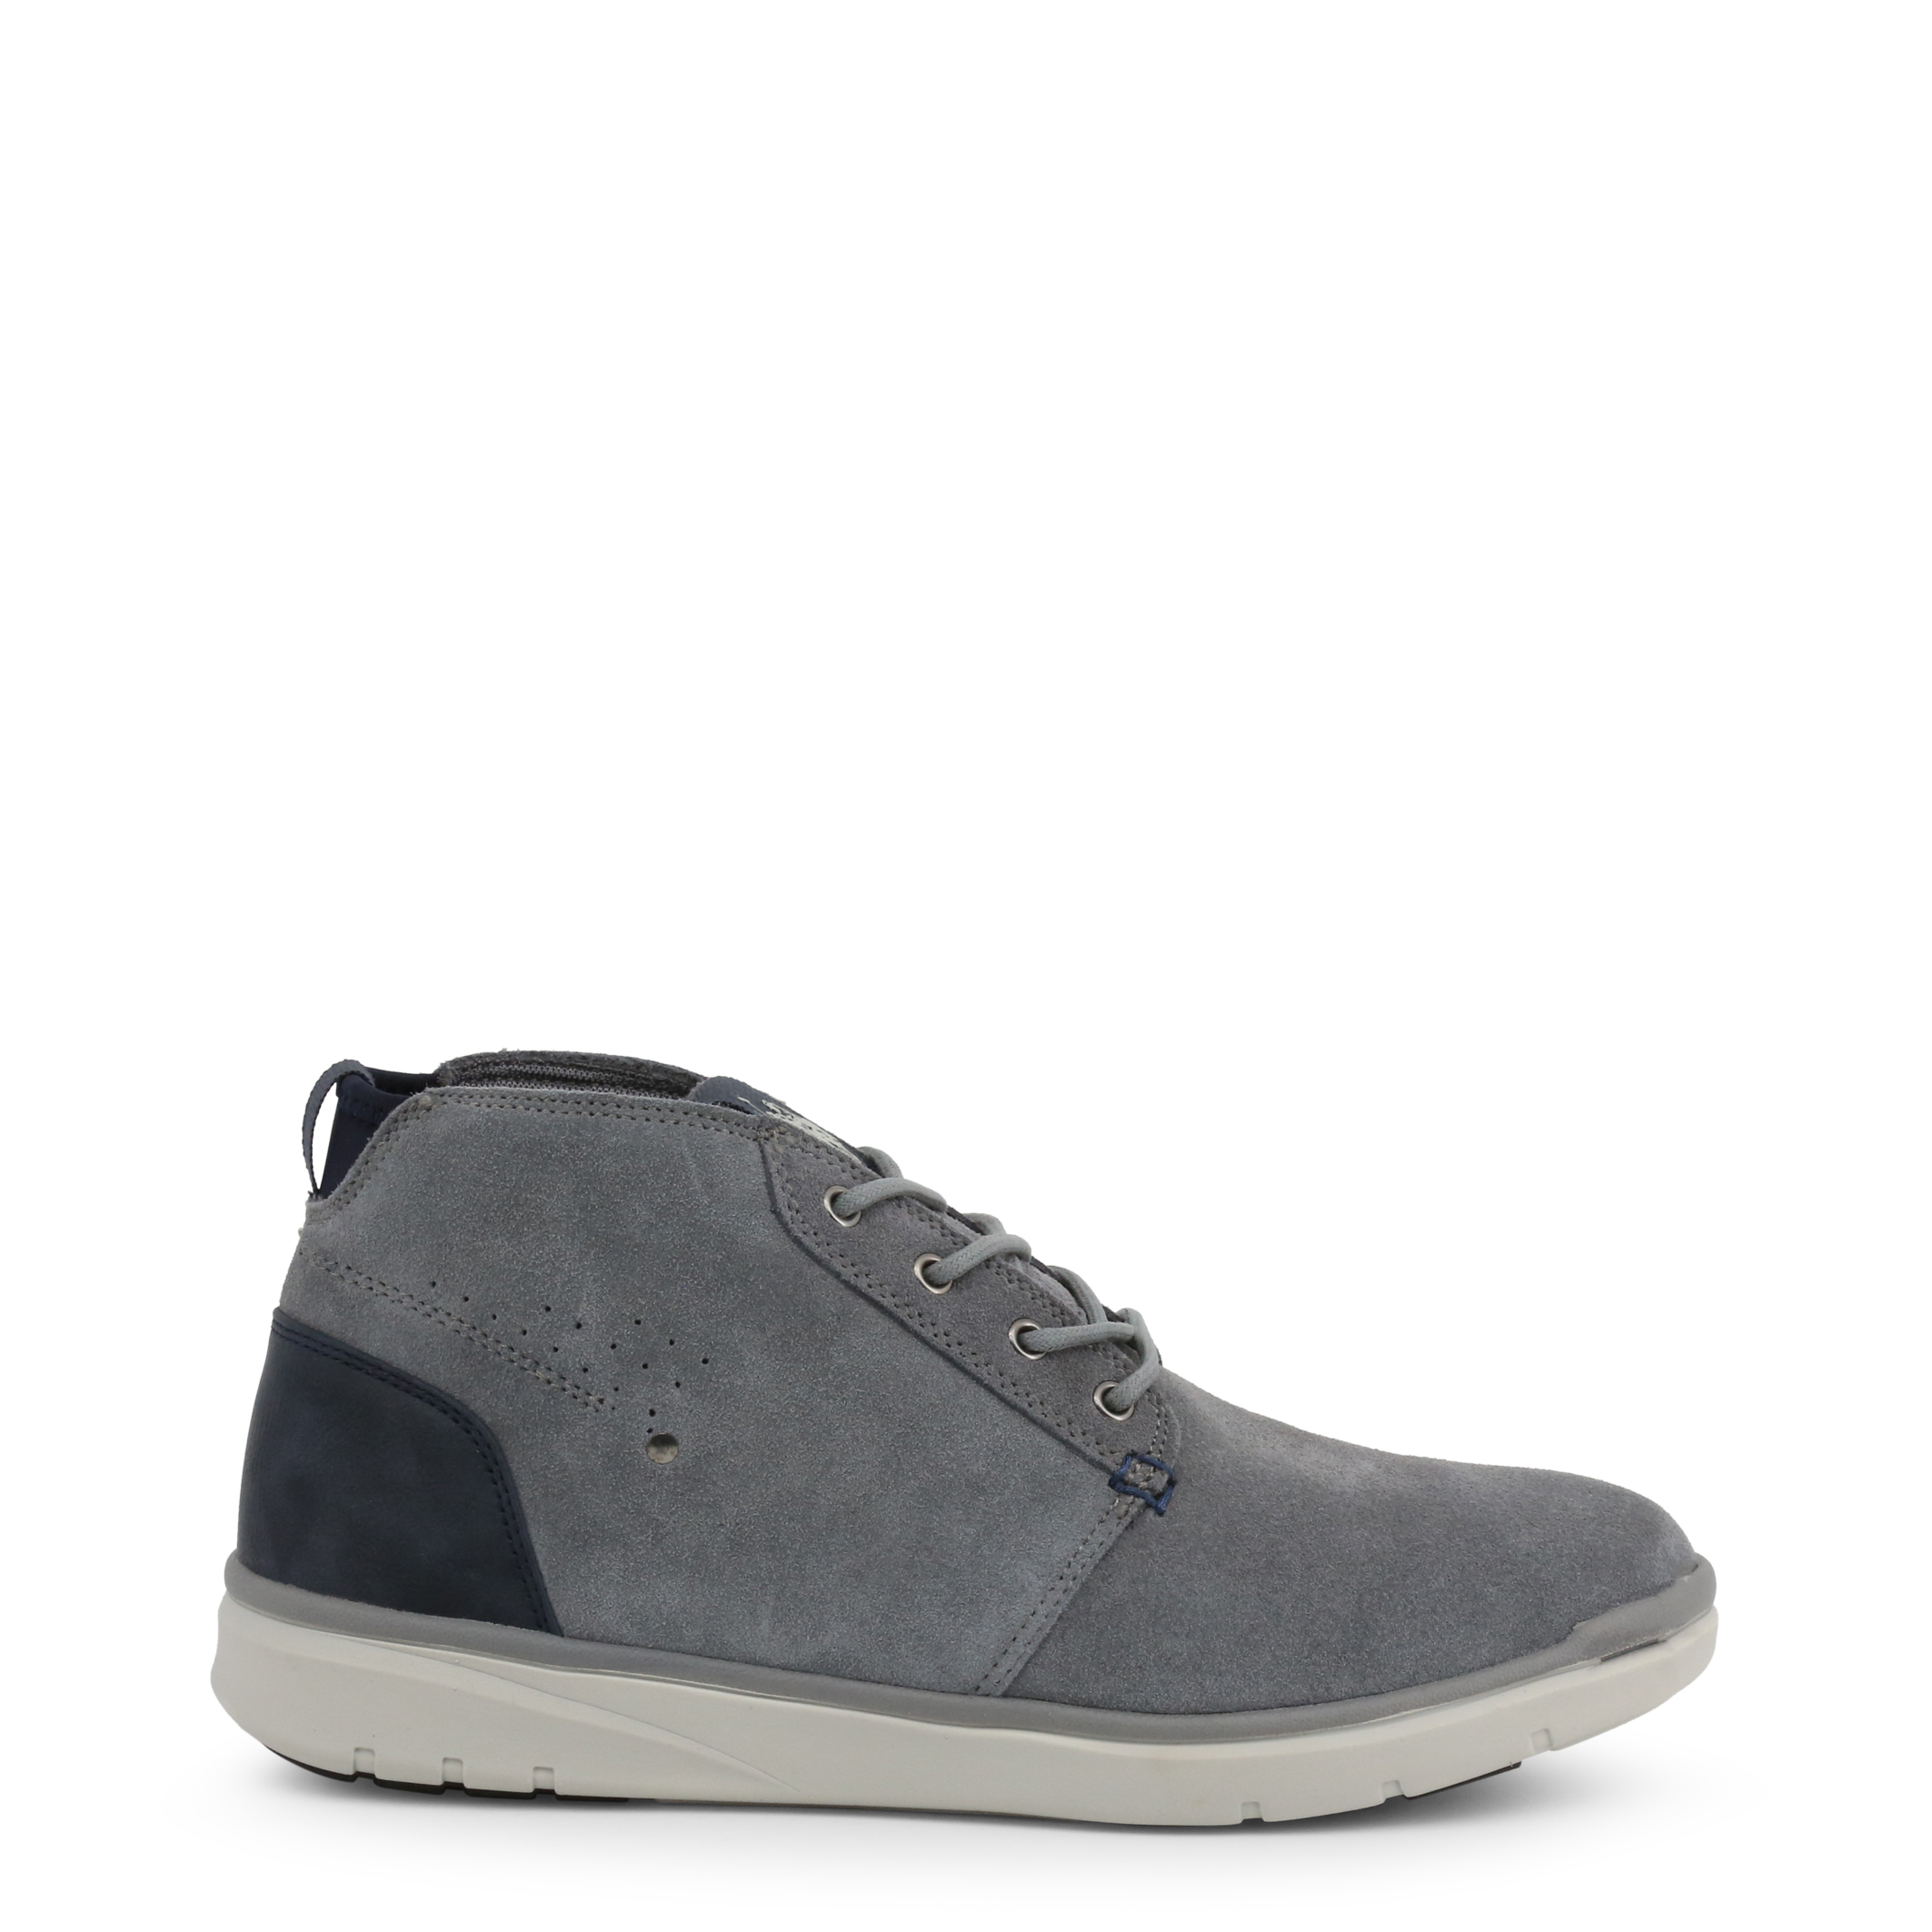 Chaussures de ville  U.S. Polo Assn. YGOR4128W9_SY1_ASH grey